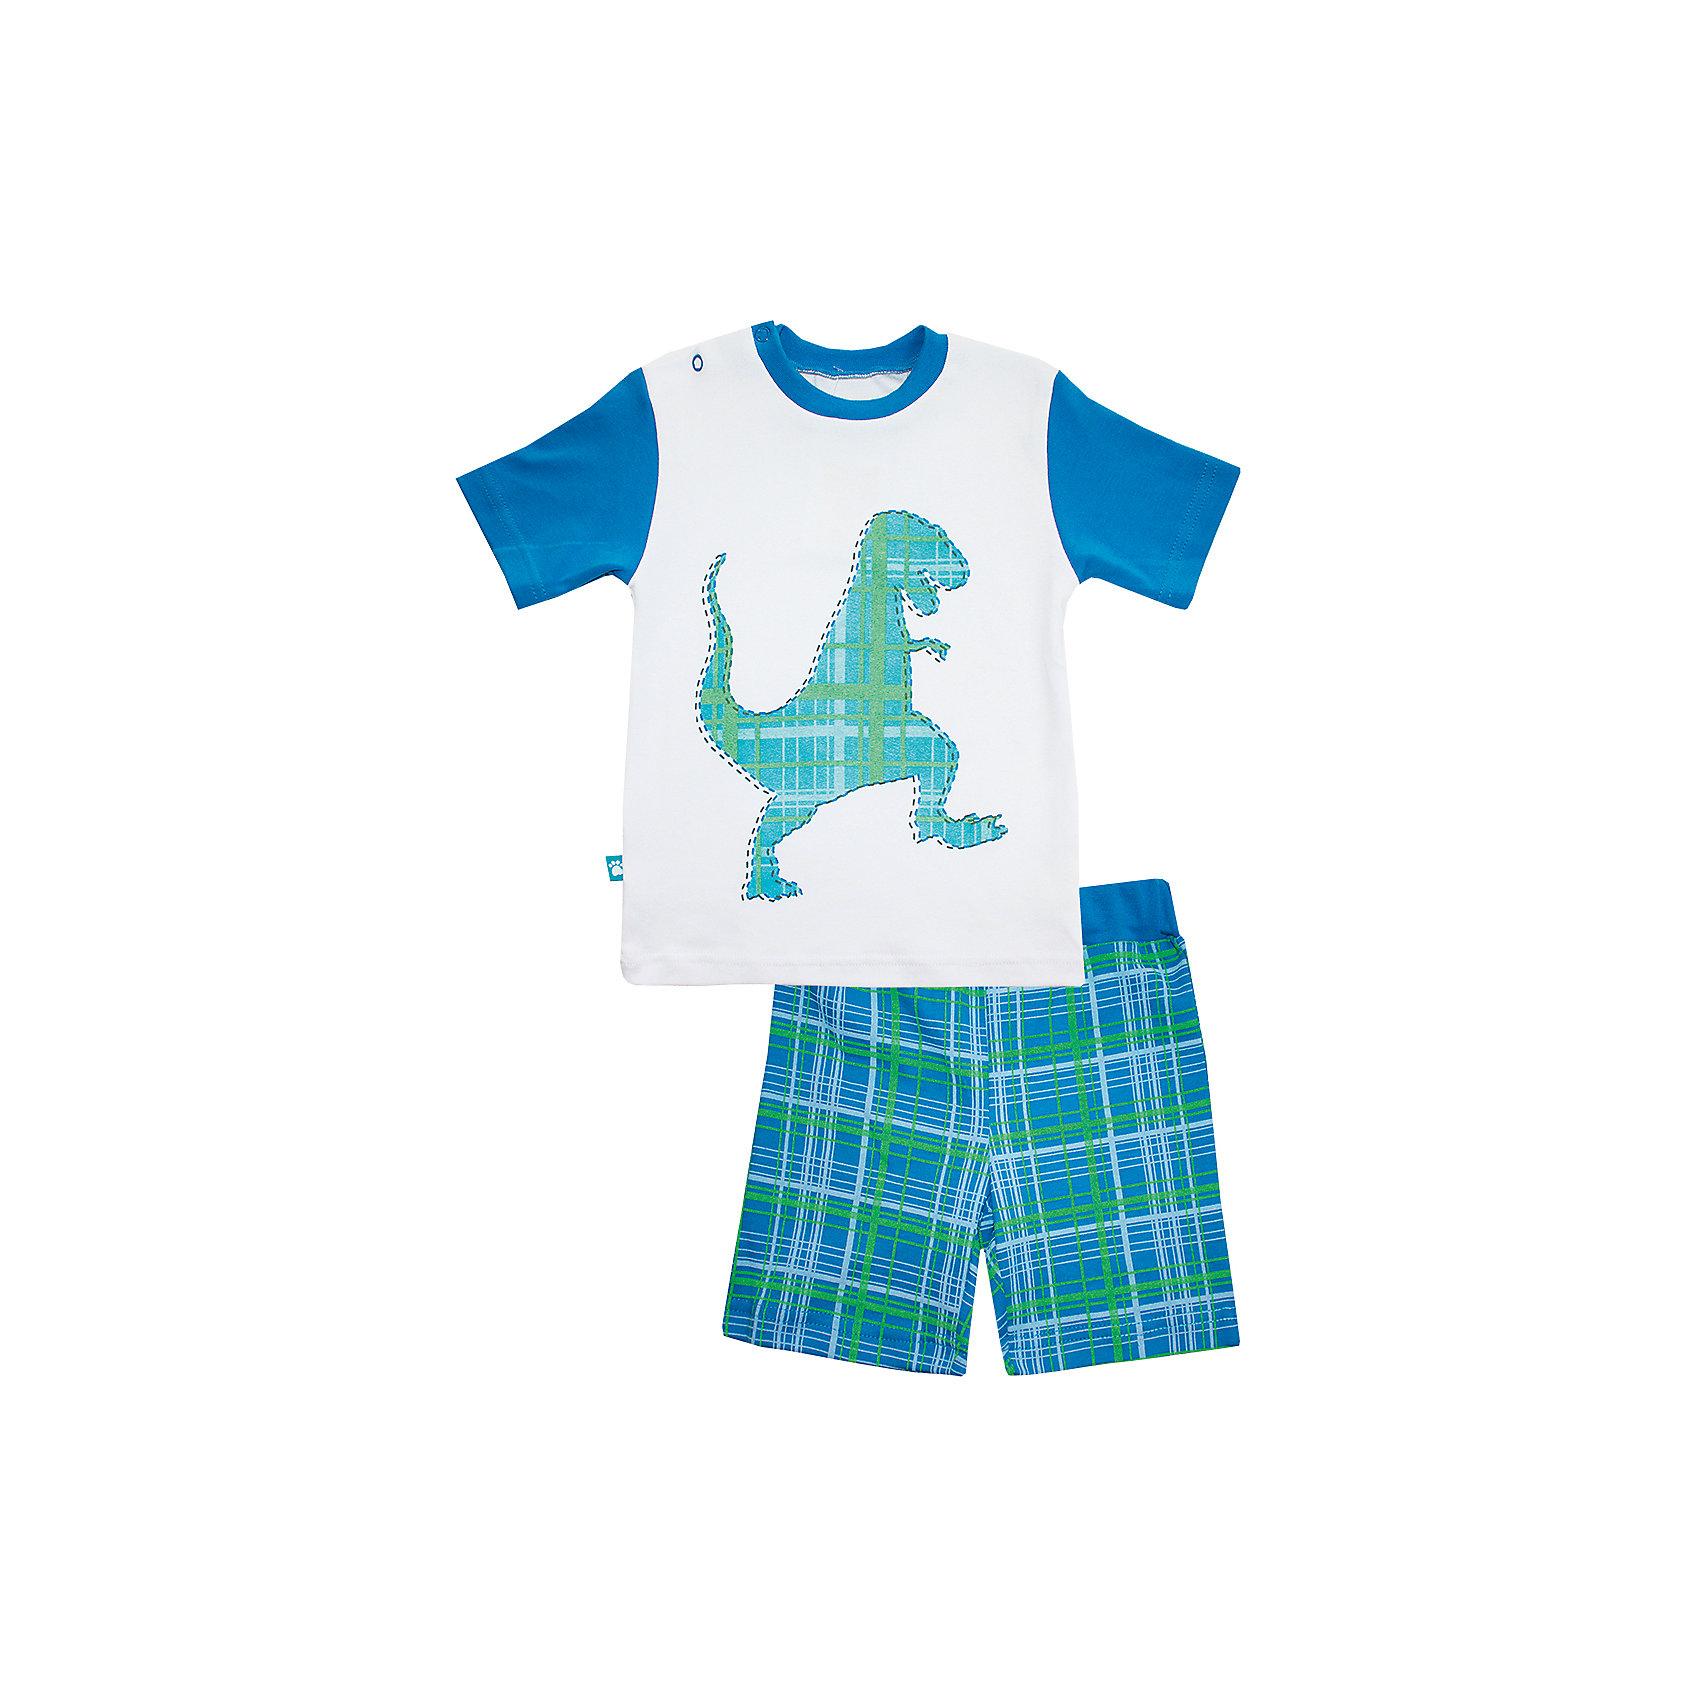 Пижама: майка и шорты для мальчика КотМарКотПижама: майка и шорты для мальчика от известного бренда КотМарКот<br>Состав:<br>100% хлопок<br><br>Ширина мм: 281<br>Глубина мм: 70<br>Высота мм: 188<br>Вес г: 295<br>Цвет: разноцветный<br>Возраст от месяцев: 48<br>Возраст до месяцев: 60<br>Пол: Мужской<br>Возраст: Детский<br>Размер: 110,116,122,128,134,104,98,92<br>SKU: 5069377